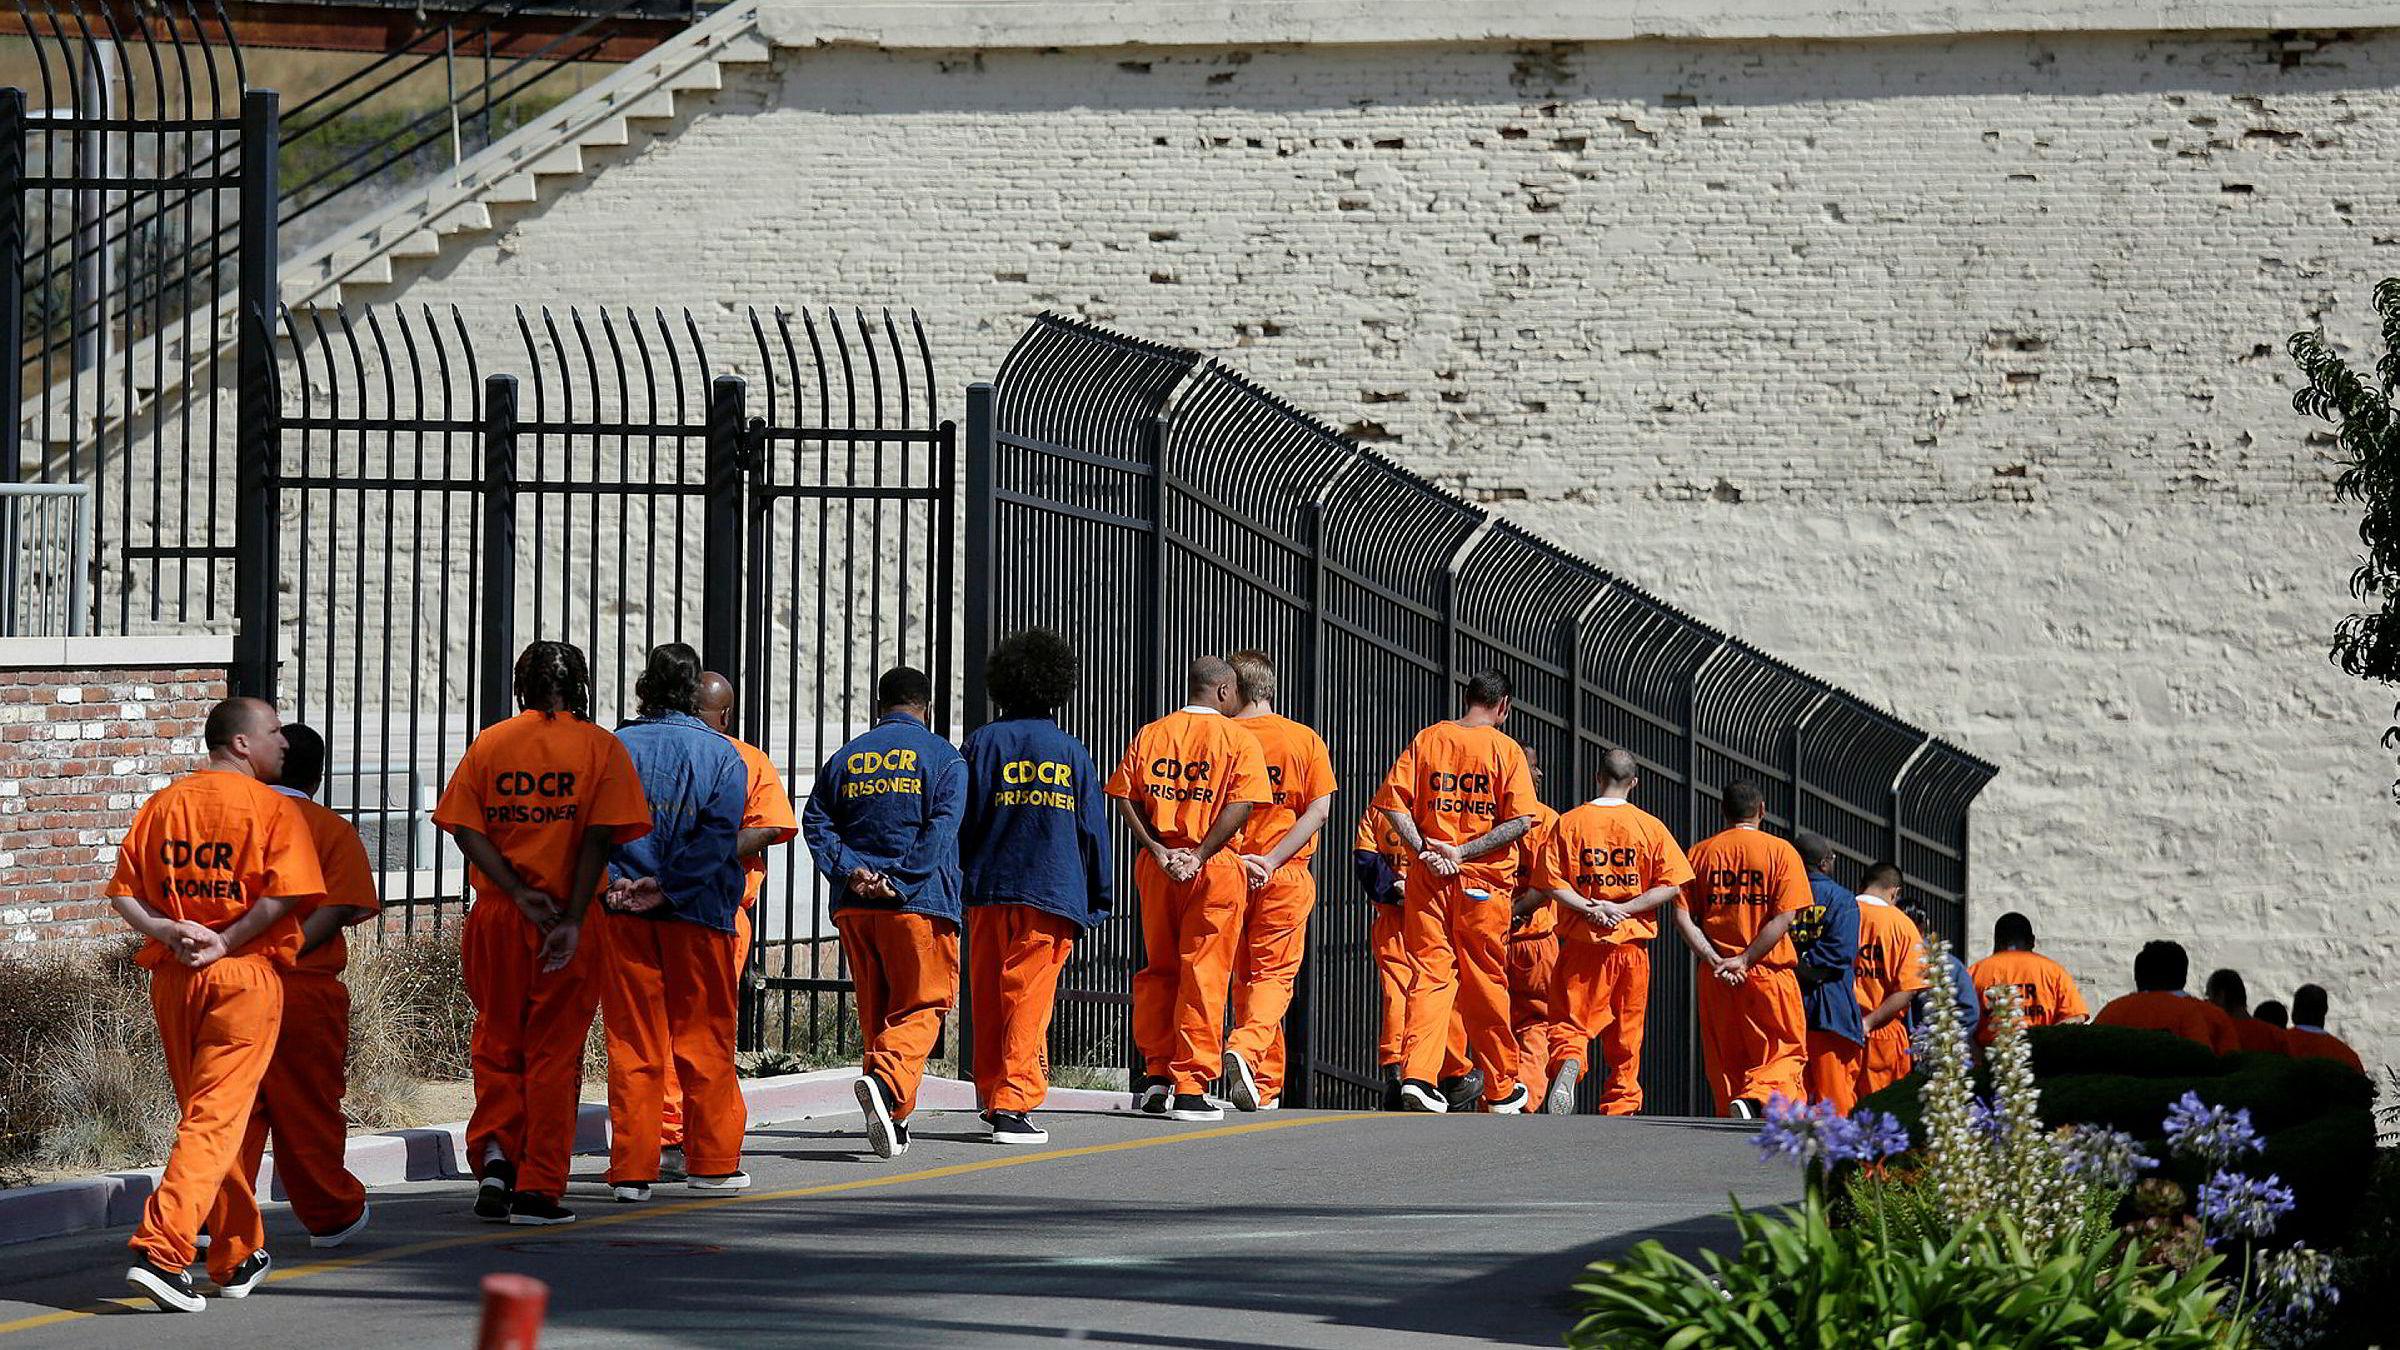 Domstolene i noen av statene i USA har tatt i bruk maskinlæring i et system for utmåling av straff og kausjonsbetingelser. Dobbelt så mange afroamerikanere som hvite ble feilaktig ansett å ha høy risiko for å begå nye lovbrudd.